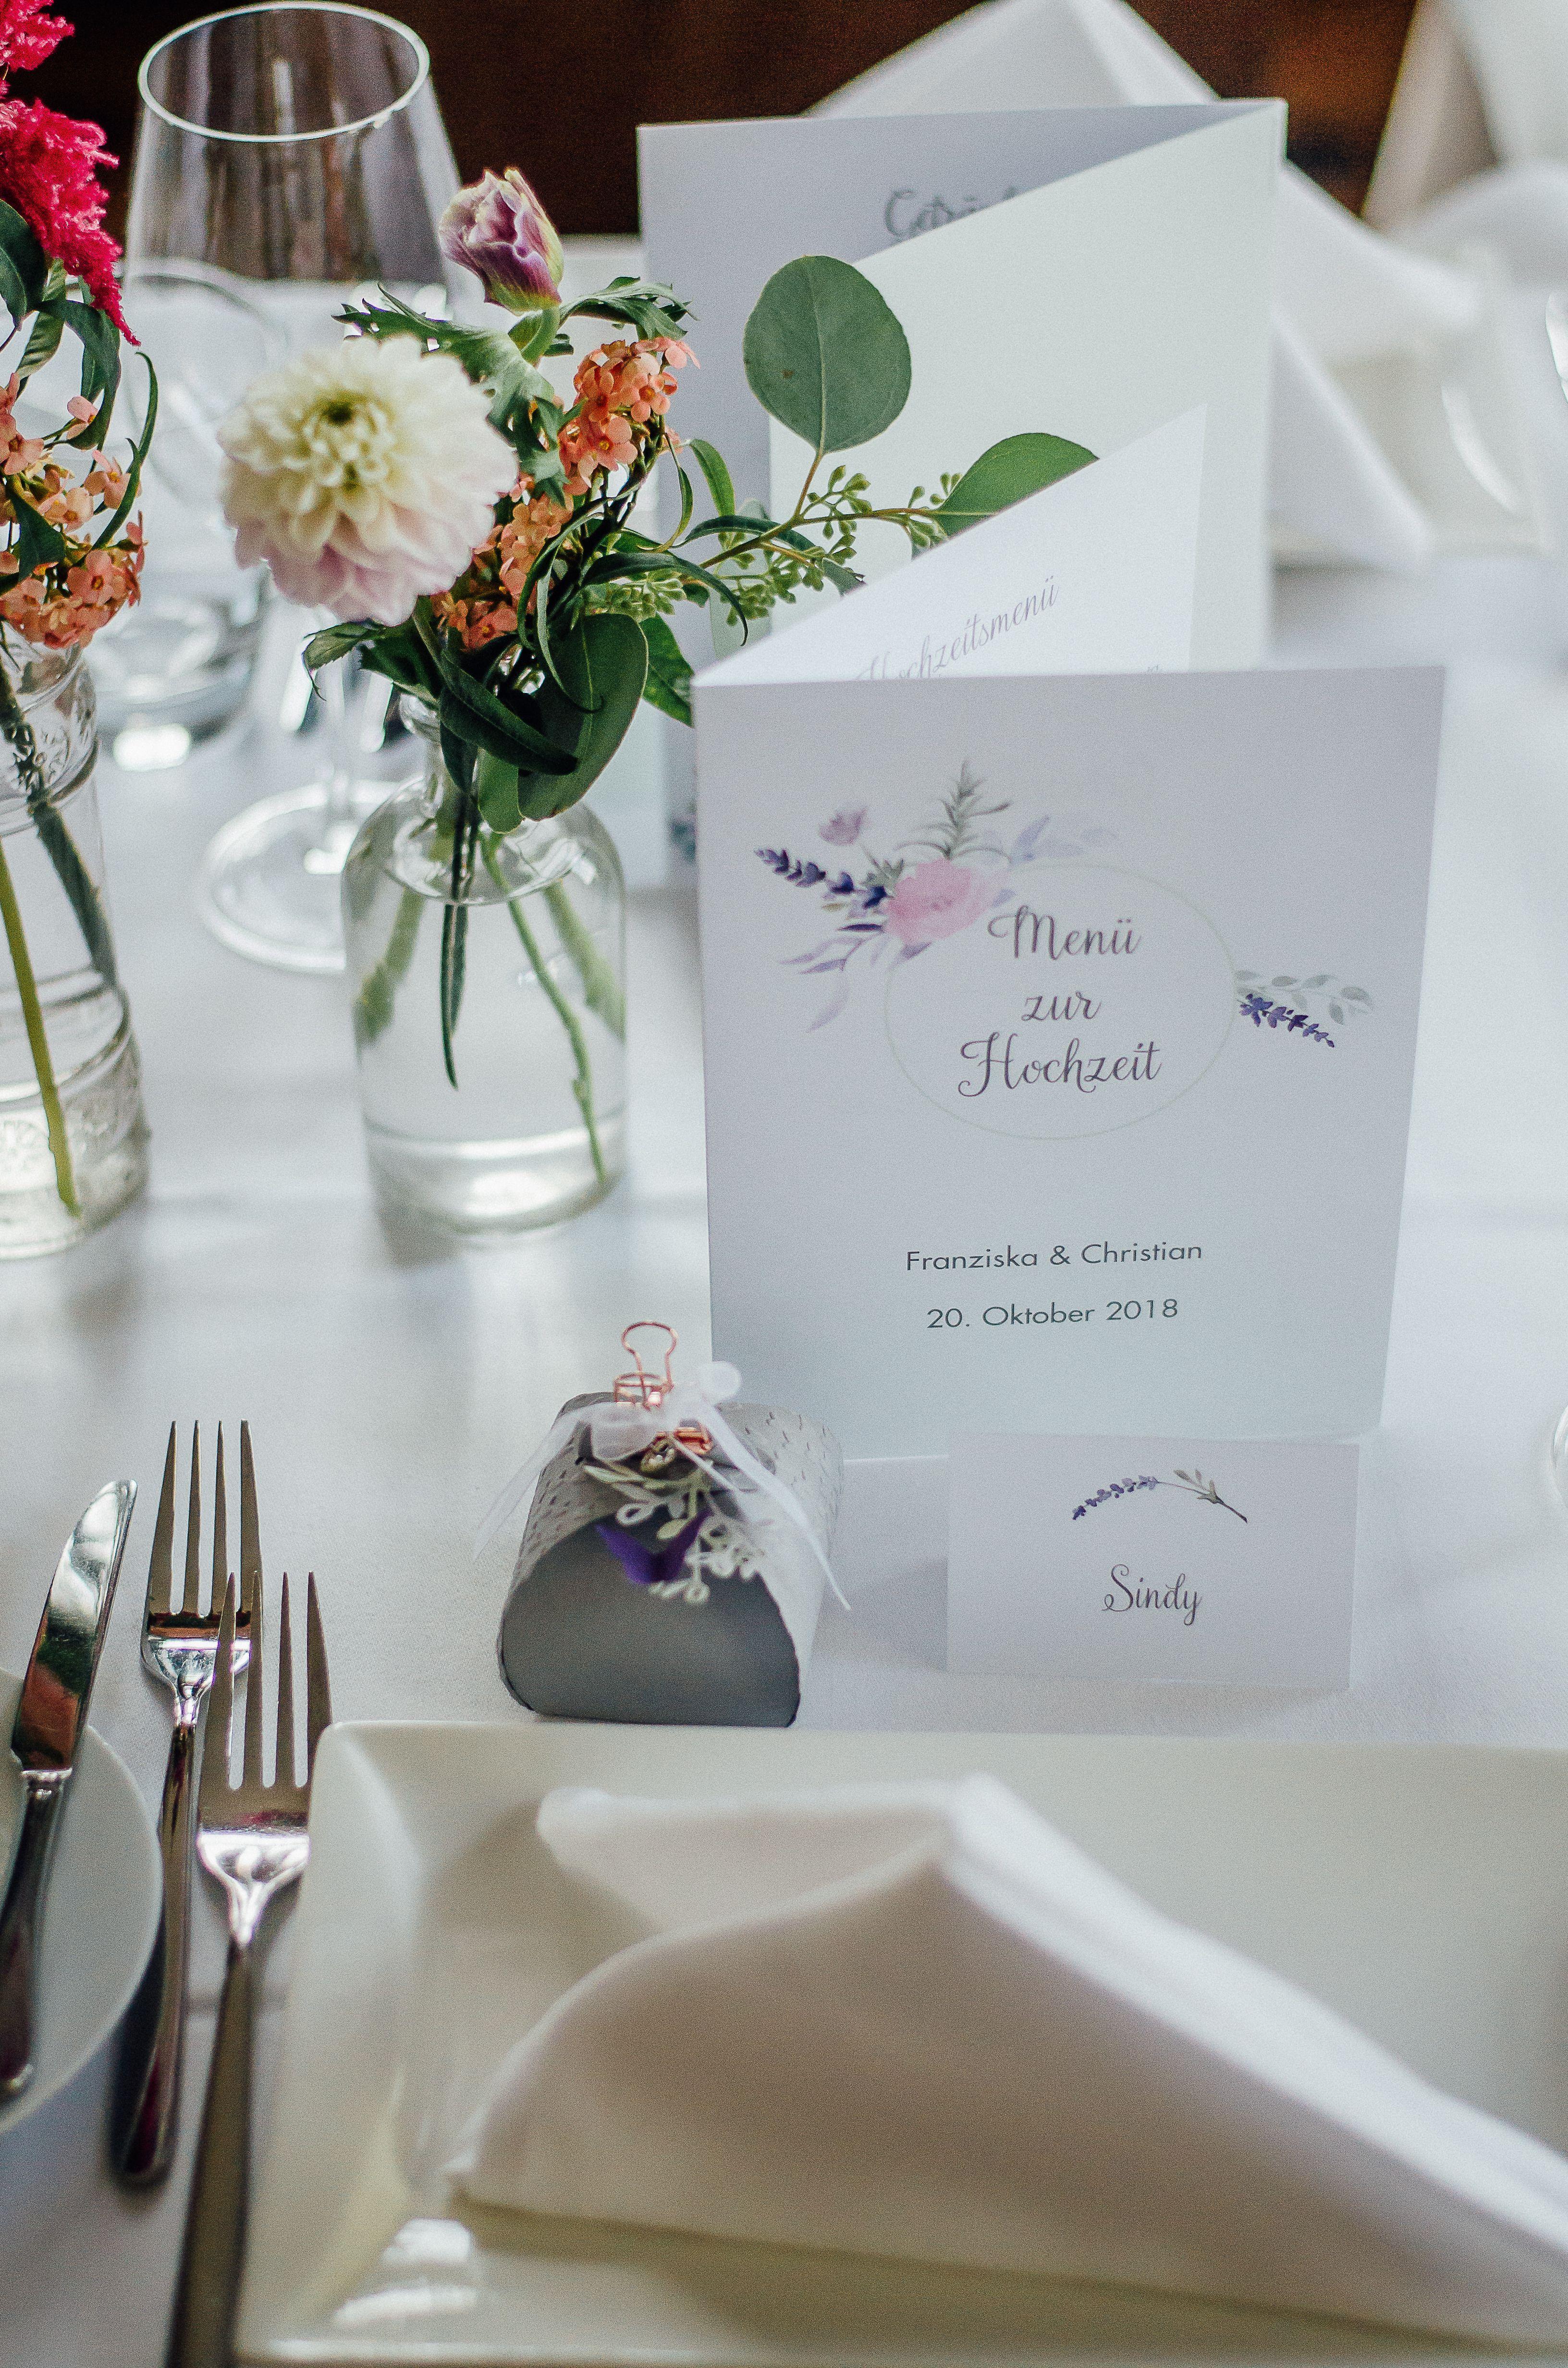 Zarte Hochzeitspapeterie Mit Hubscher Blumendeko Hochzeitsdeko Diy Hochzeitsfotografrheinmain Hochzeit Fotos Hochzeit Hochzeitsdetails